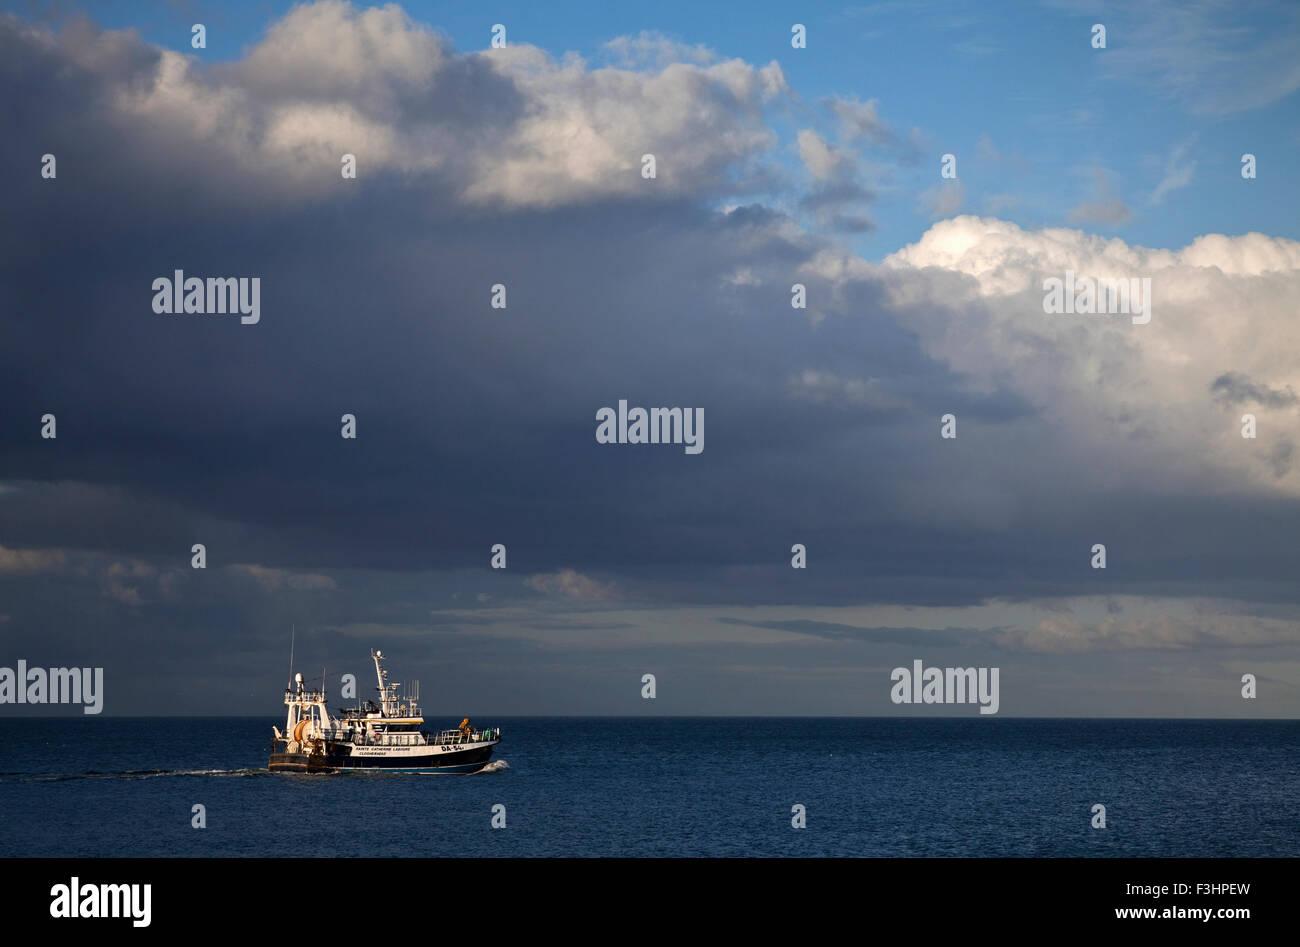 Angelboot/Fischerboot in der irischen See, Off Clogher Head, County Louth, Irland Stockbild